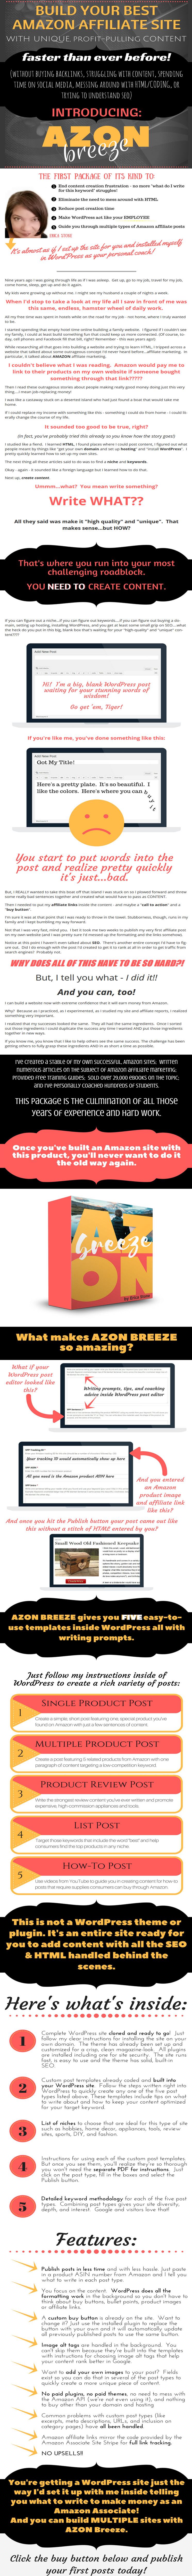 [GET] AZON Breeze